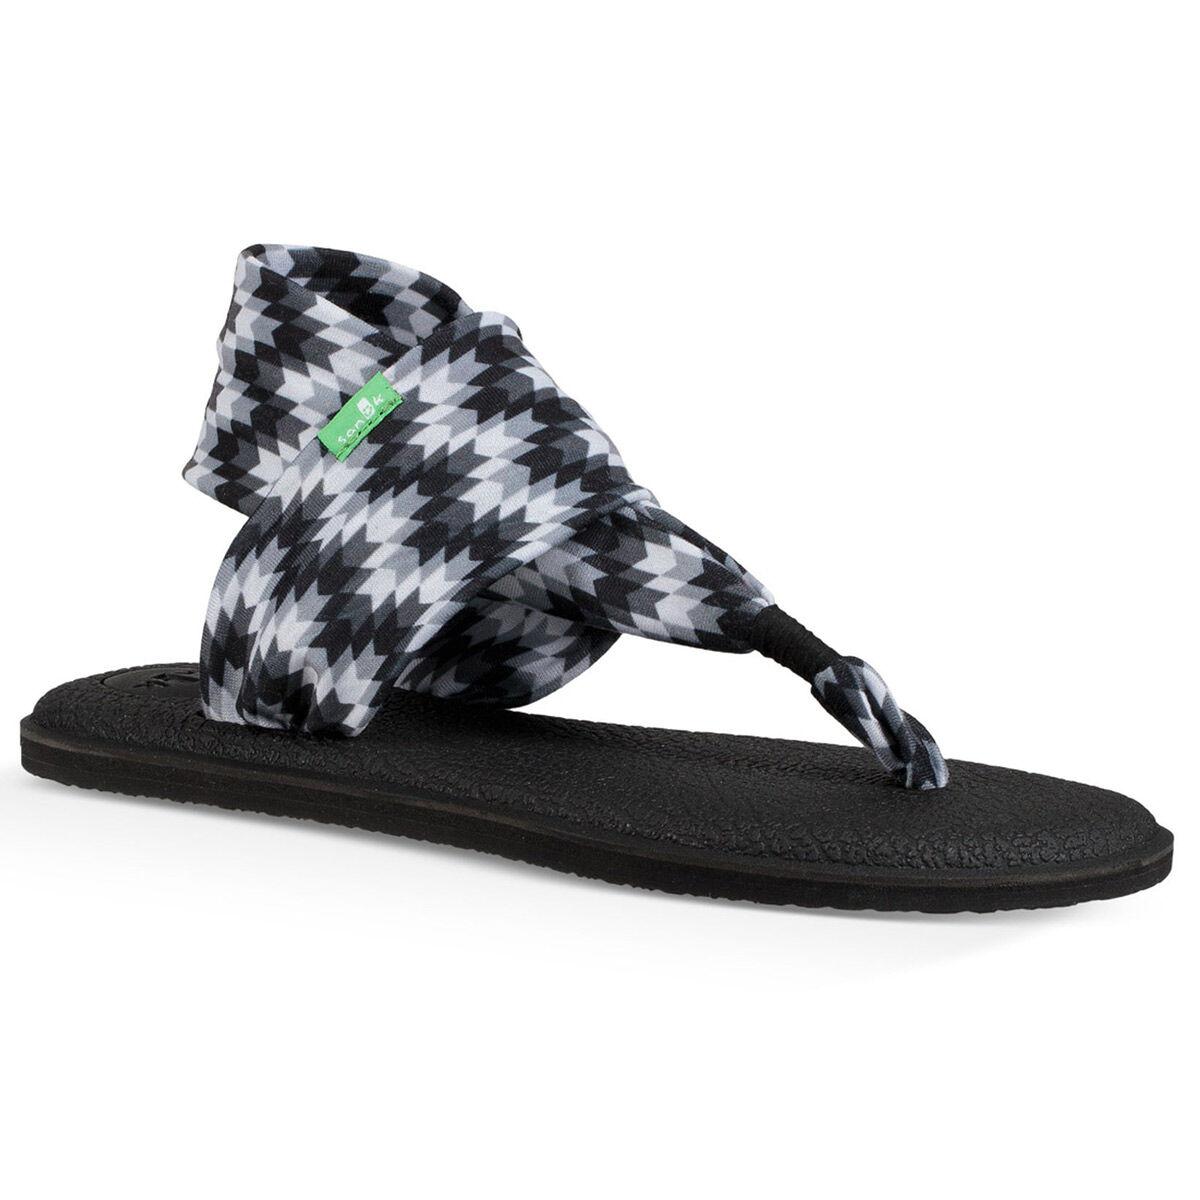 Sanuk Women's Yoga Sling 2 Sandals - Black, 10